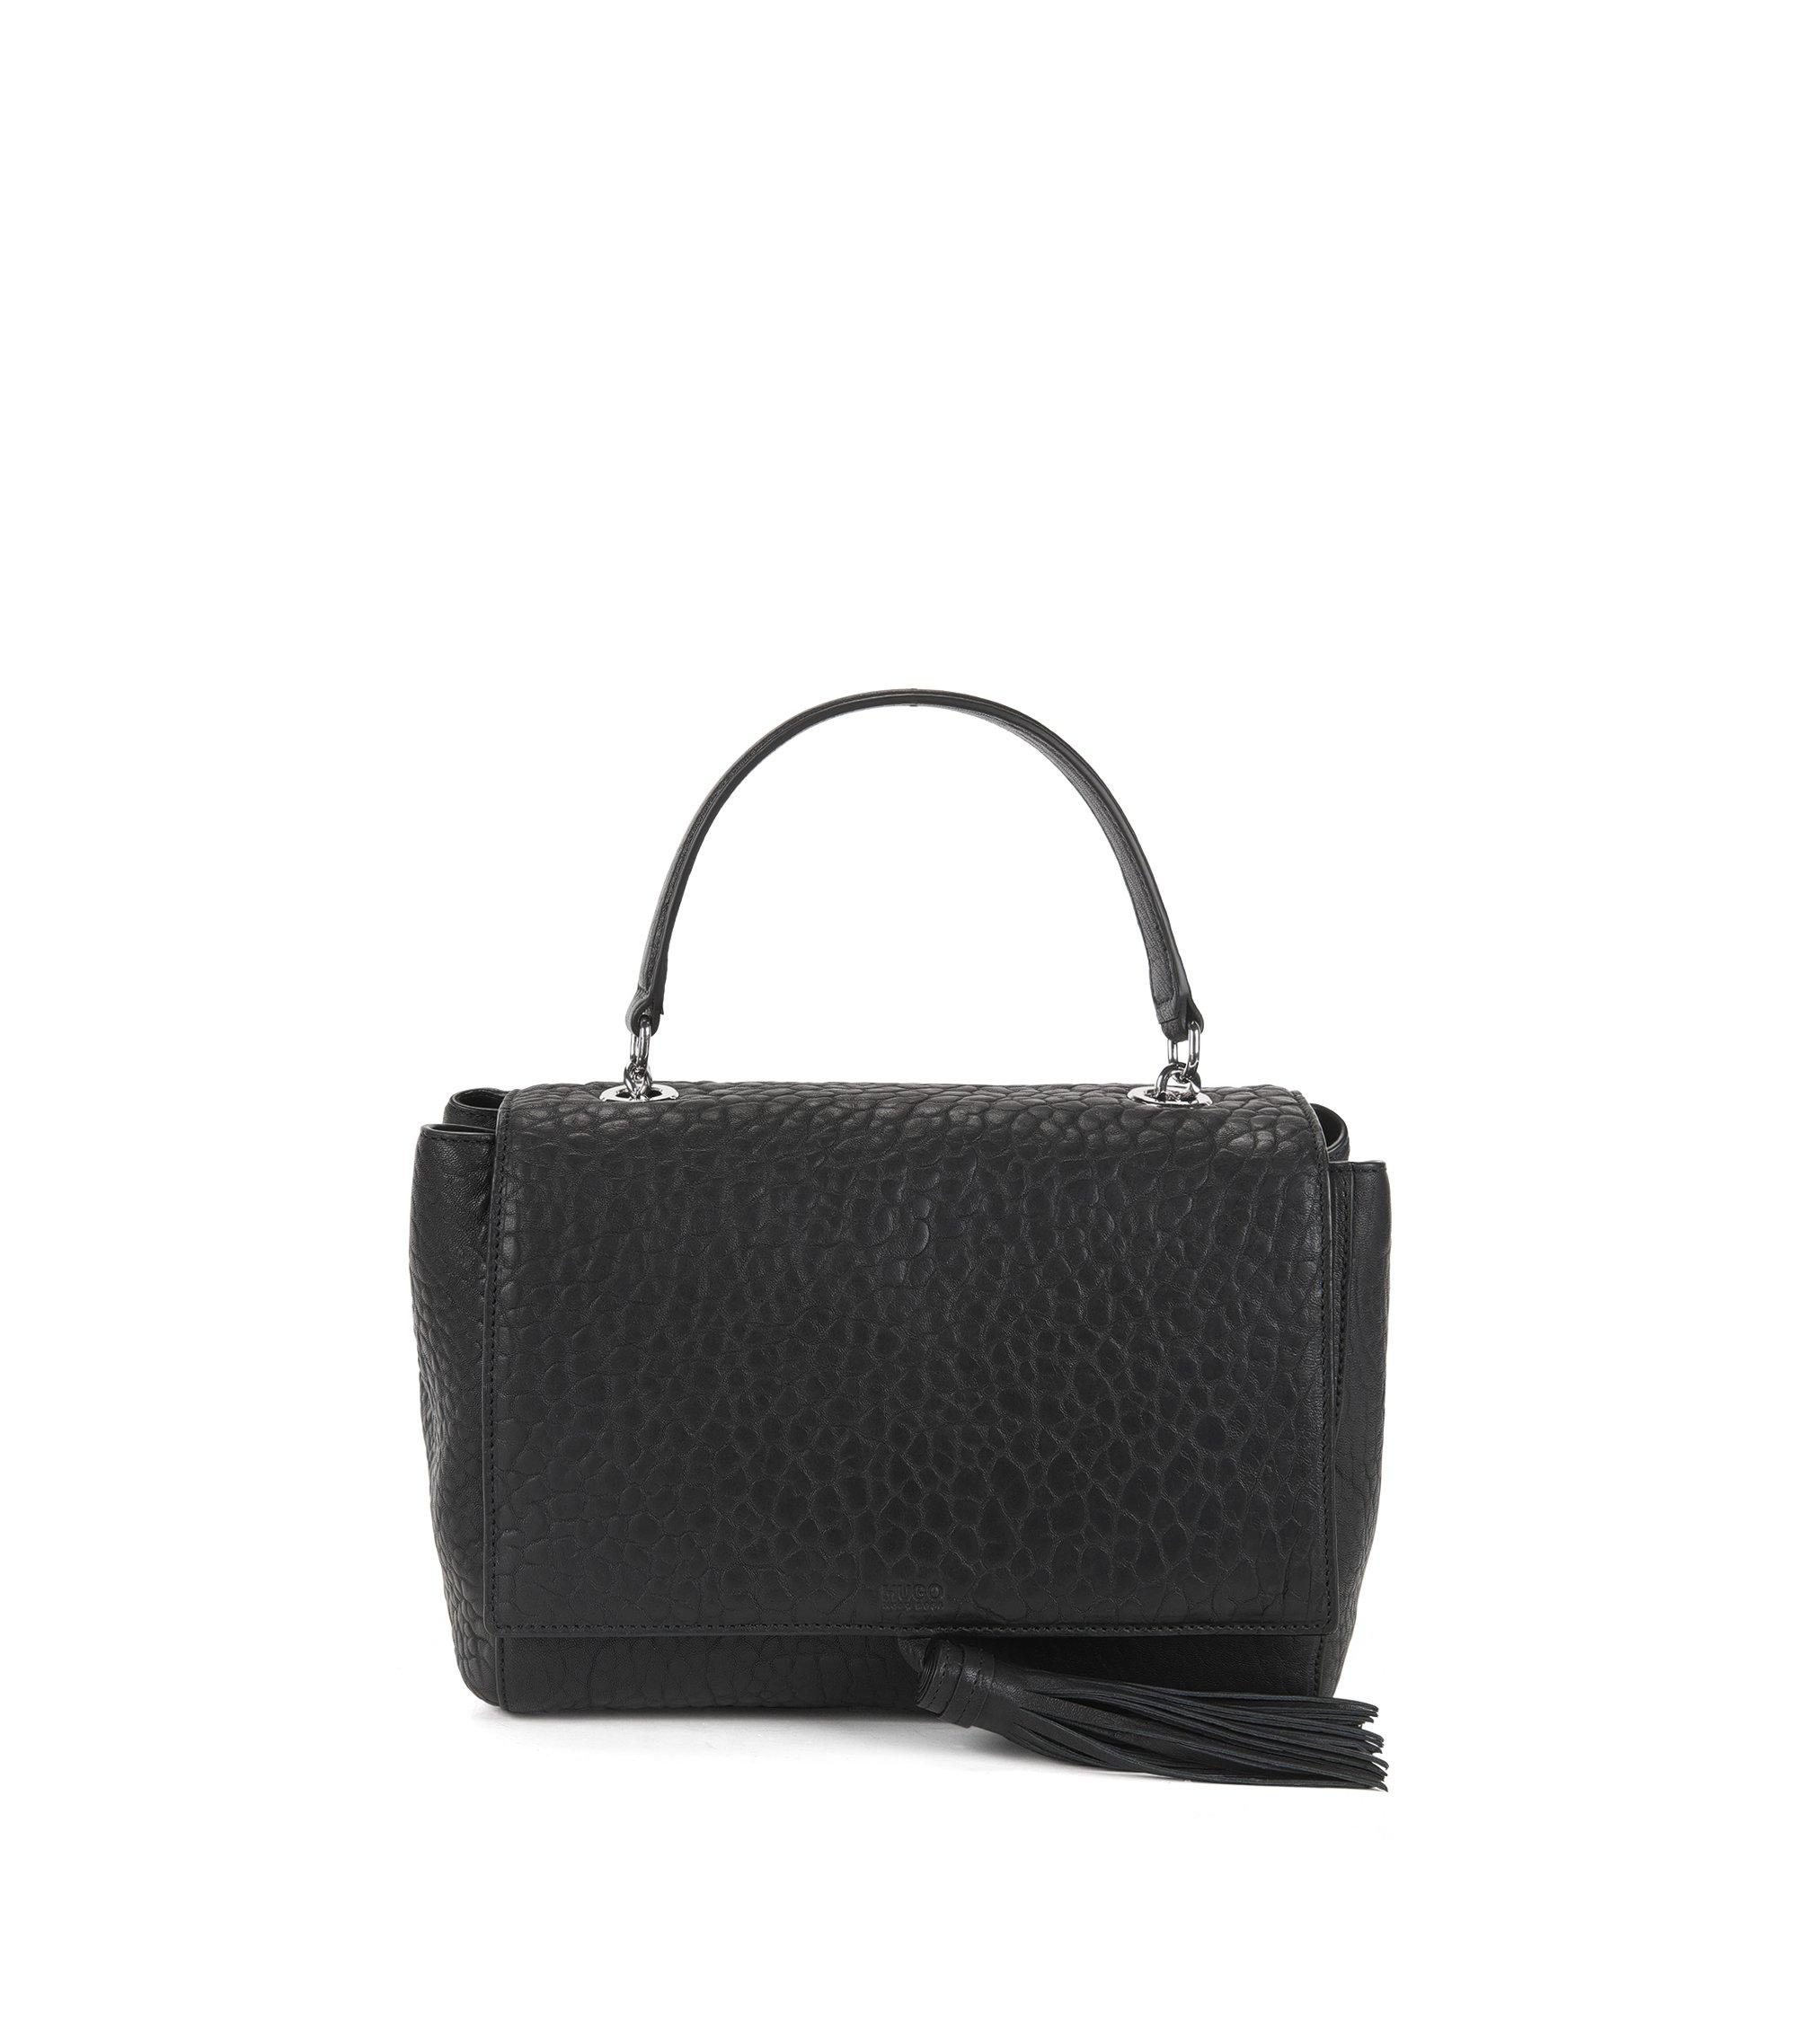 Handtasche aus italienischem Leder mit Tragegriff, Schwarz